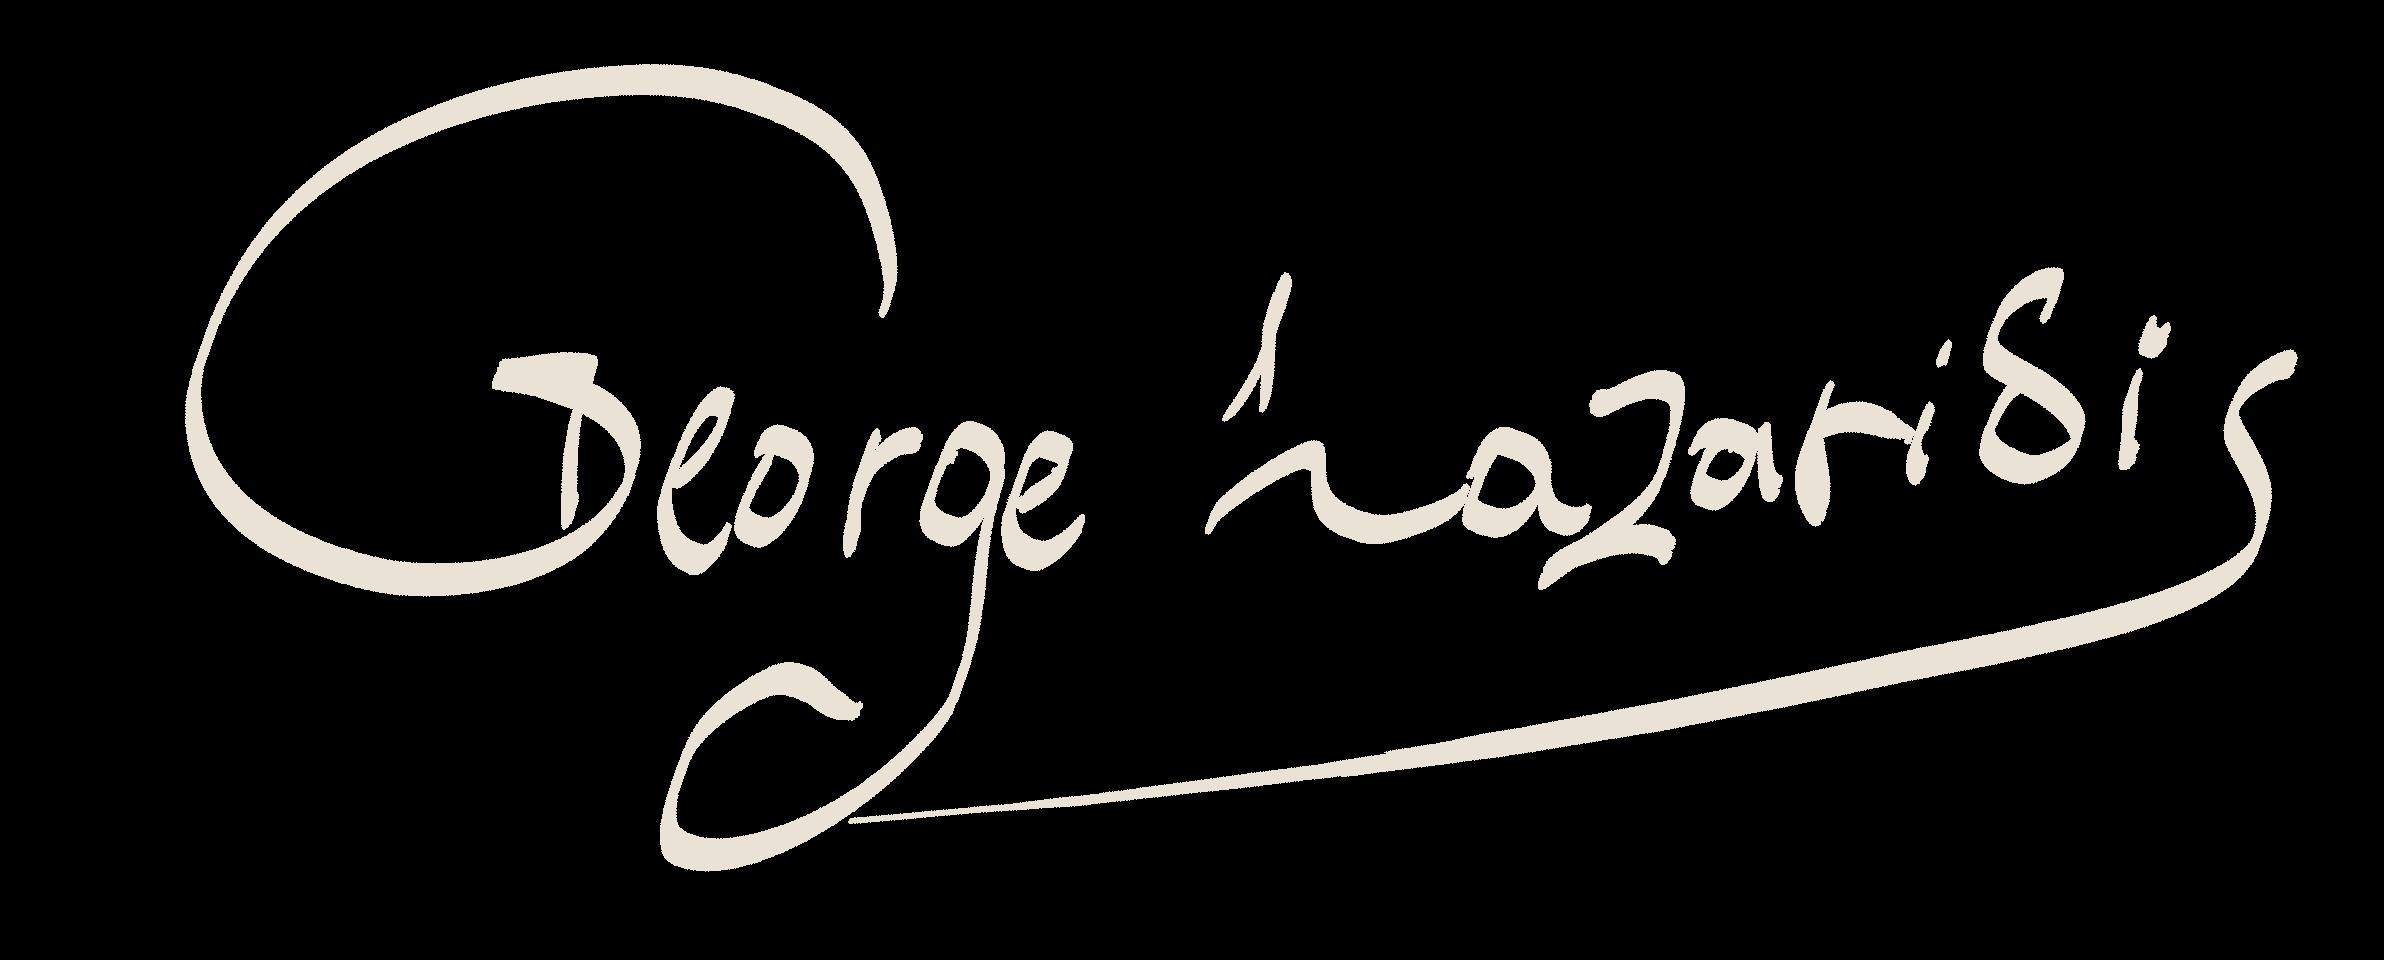 George Lazaridis